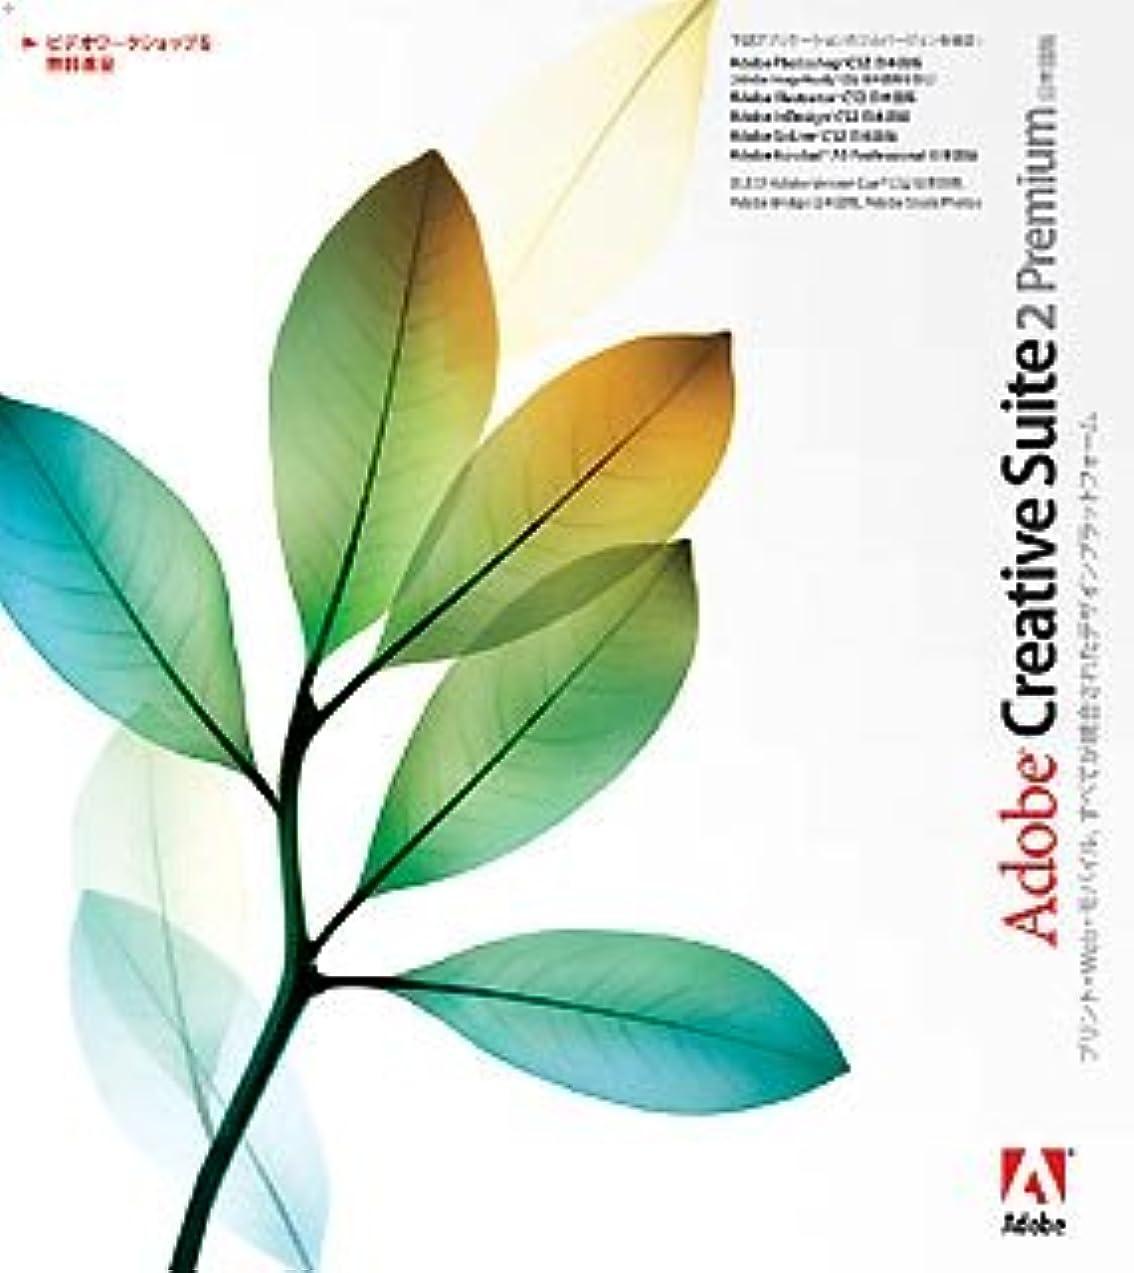 リーガンペルー子犬Adobe Creative Suite Premium 2.0 日本語版 for Windows (旧製品)